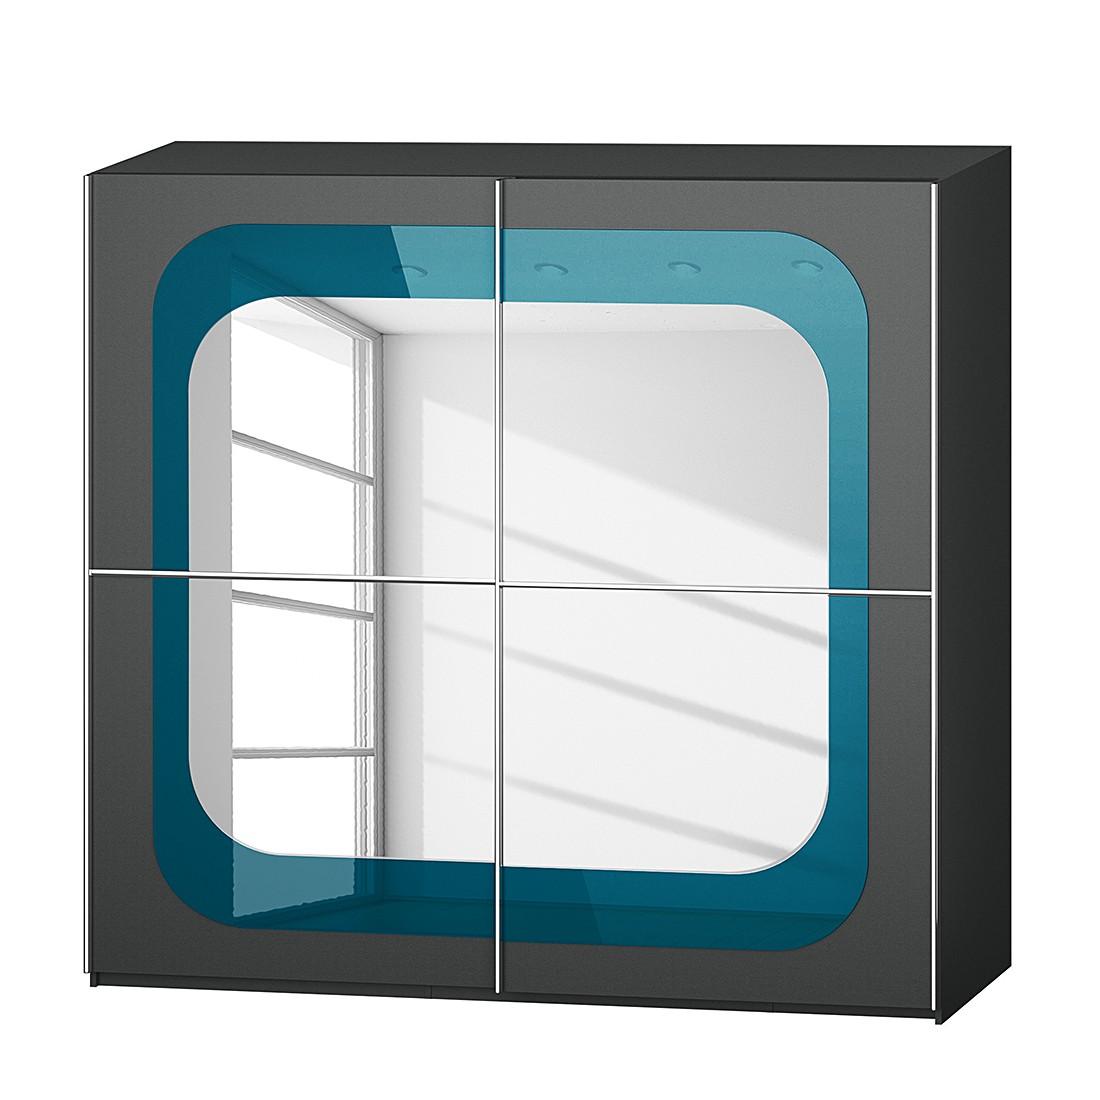 Armoire à portes coulissantes Lumos - Graphite / Pétrole - 226 cm (2 portes) - 223 cm, Rauch Dialog